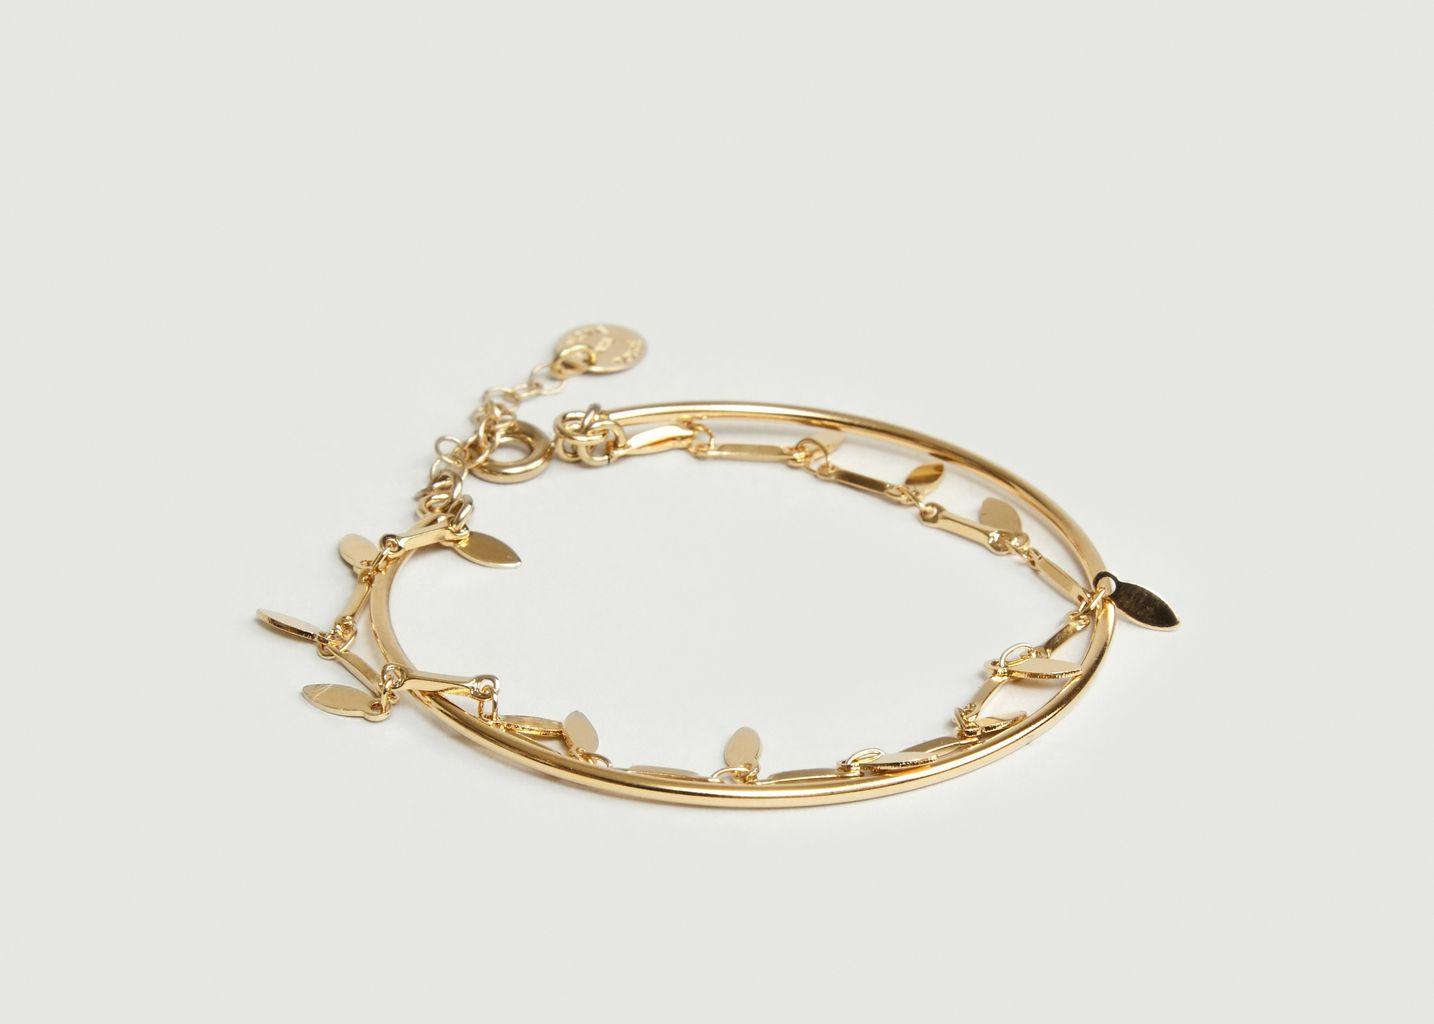 Bracelet Garrigue - Medecine Douce